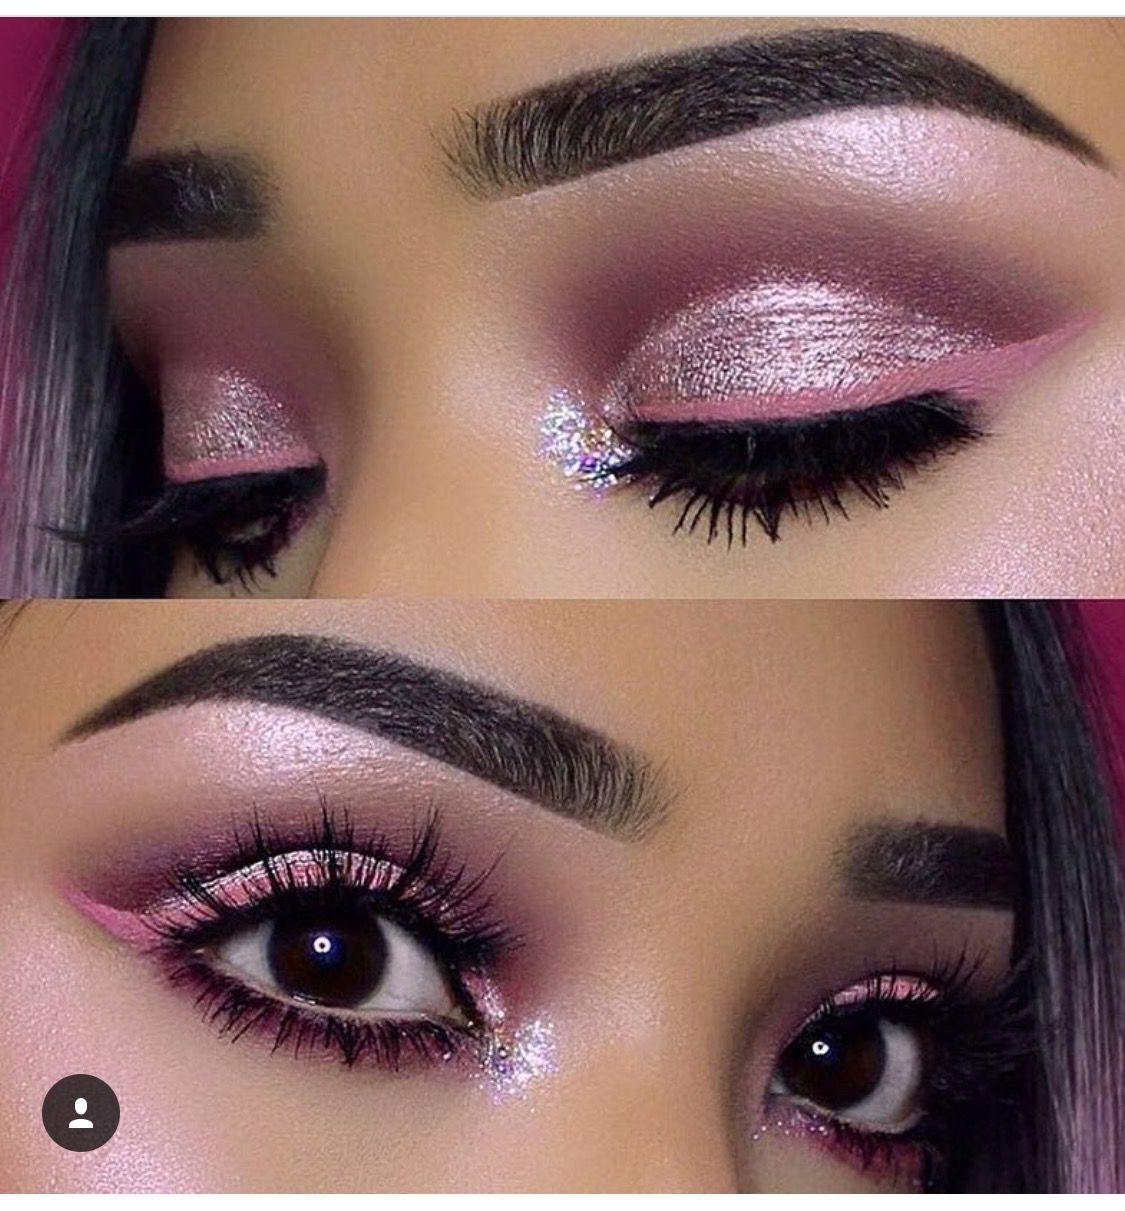 Pinterest IIIannaIII 🌹 Makeup, Kiss makeup, Skin makeup